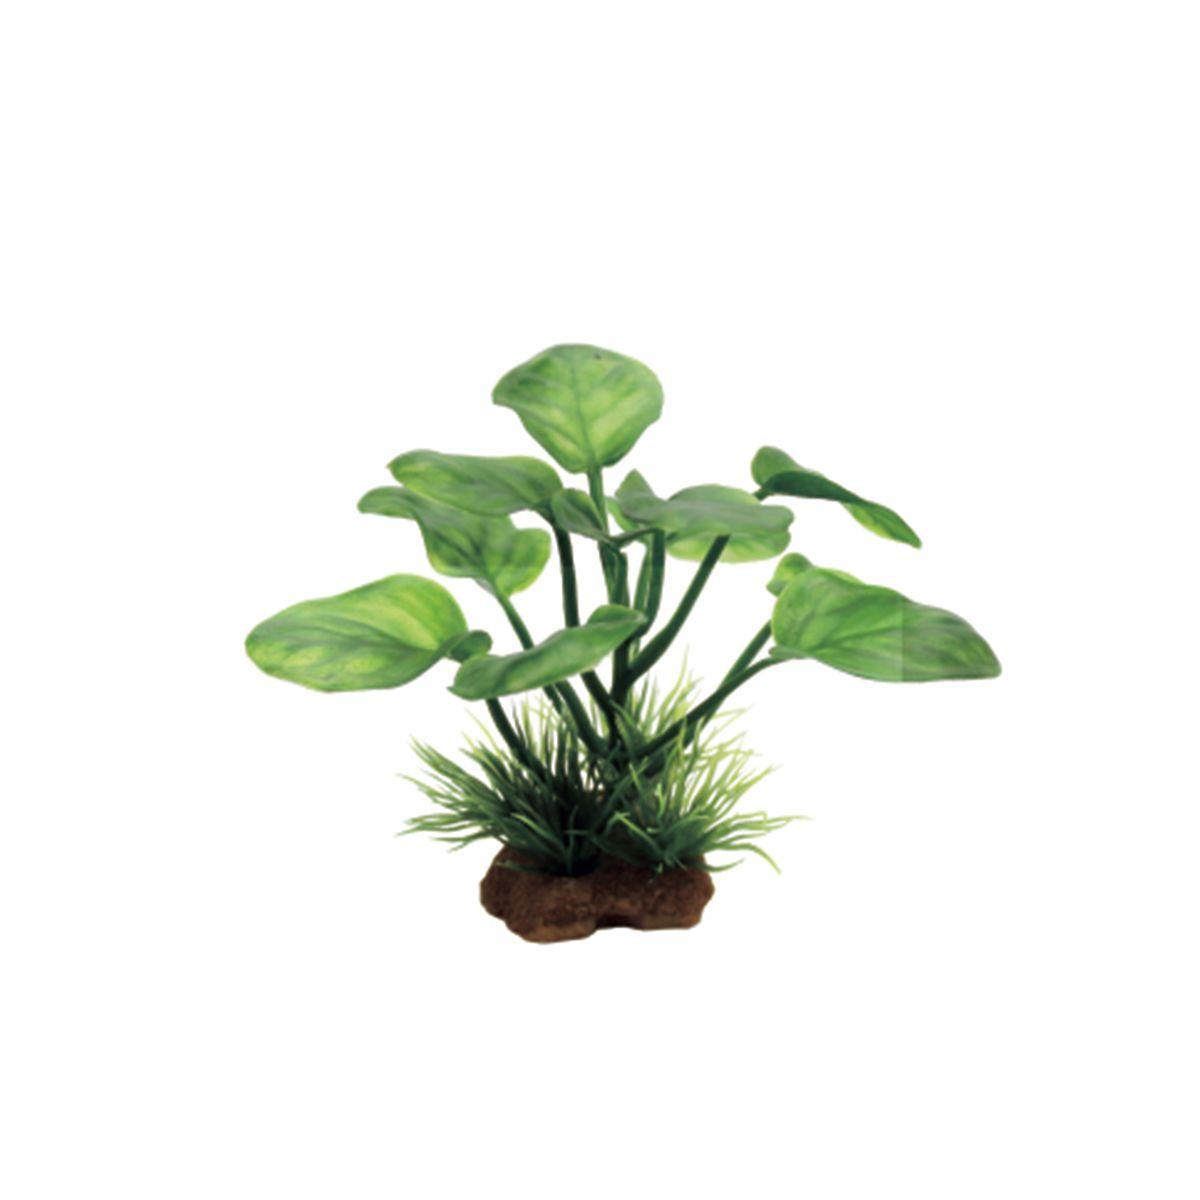 Растение для аквариума ArtUniq Анубиас, высота 10 см, 6 штART-1170536Растение для аквариума ArtUniq Анубиас, высота 10 см, 6 шт